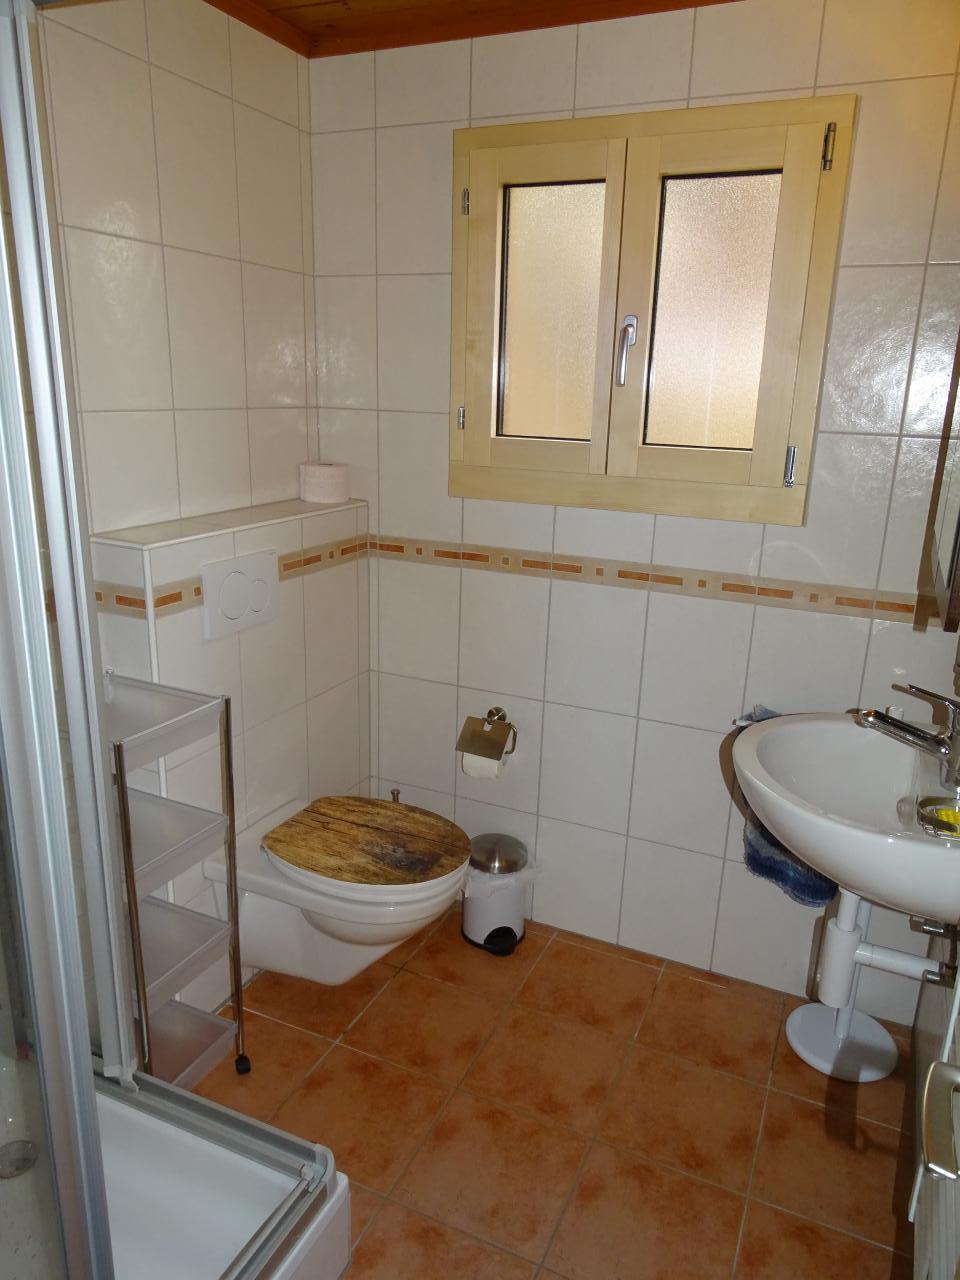 Appartement de vacances Chalet Stefanino, 3 1/2 Zimmer (487097), Bellwald, Aletsch - Conches, Valais, Suisse, image 10